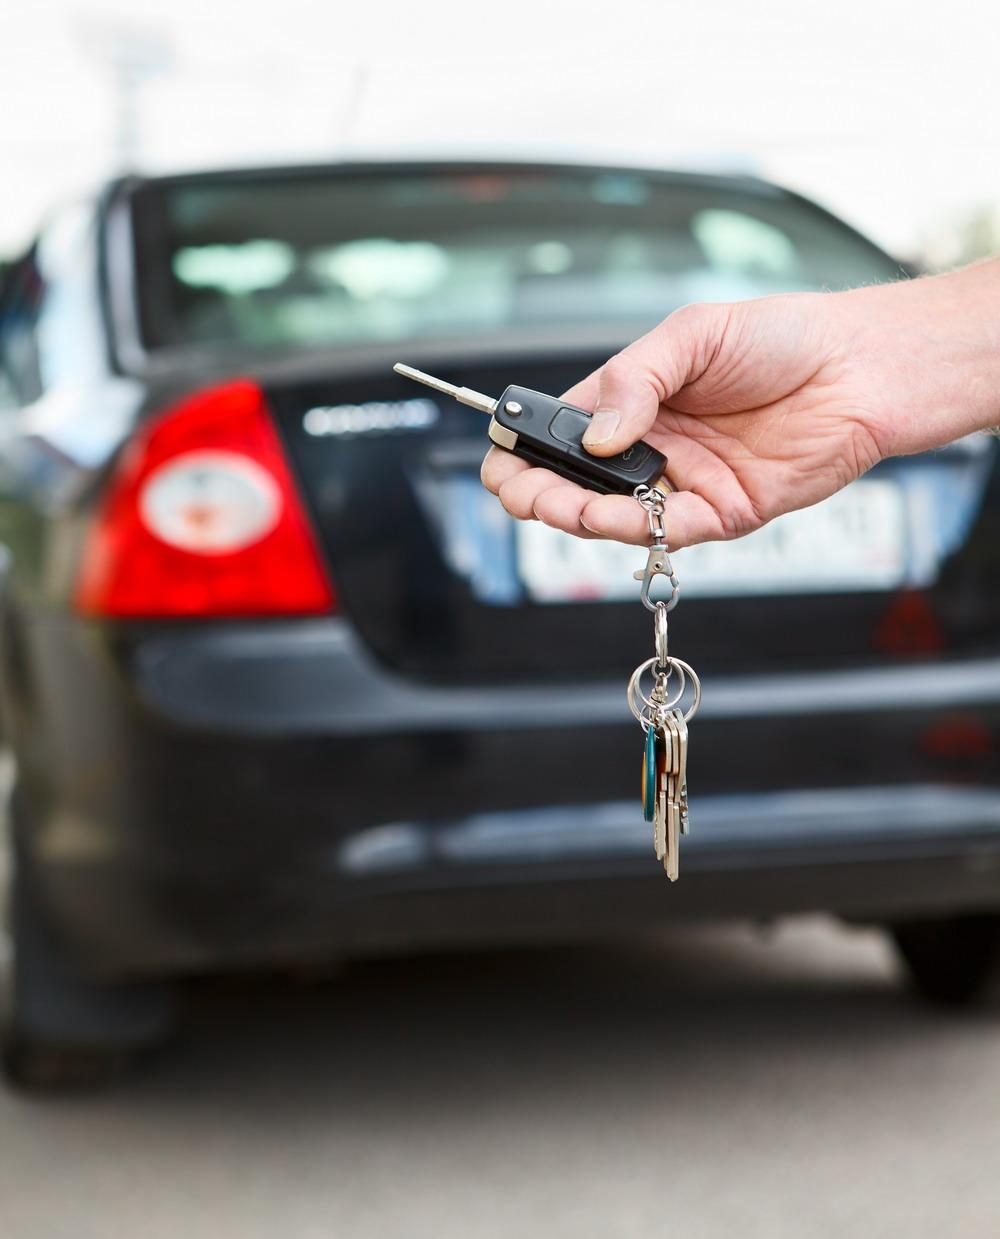 Особенности аренды автомобиля: требования и варианты